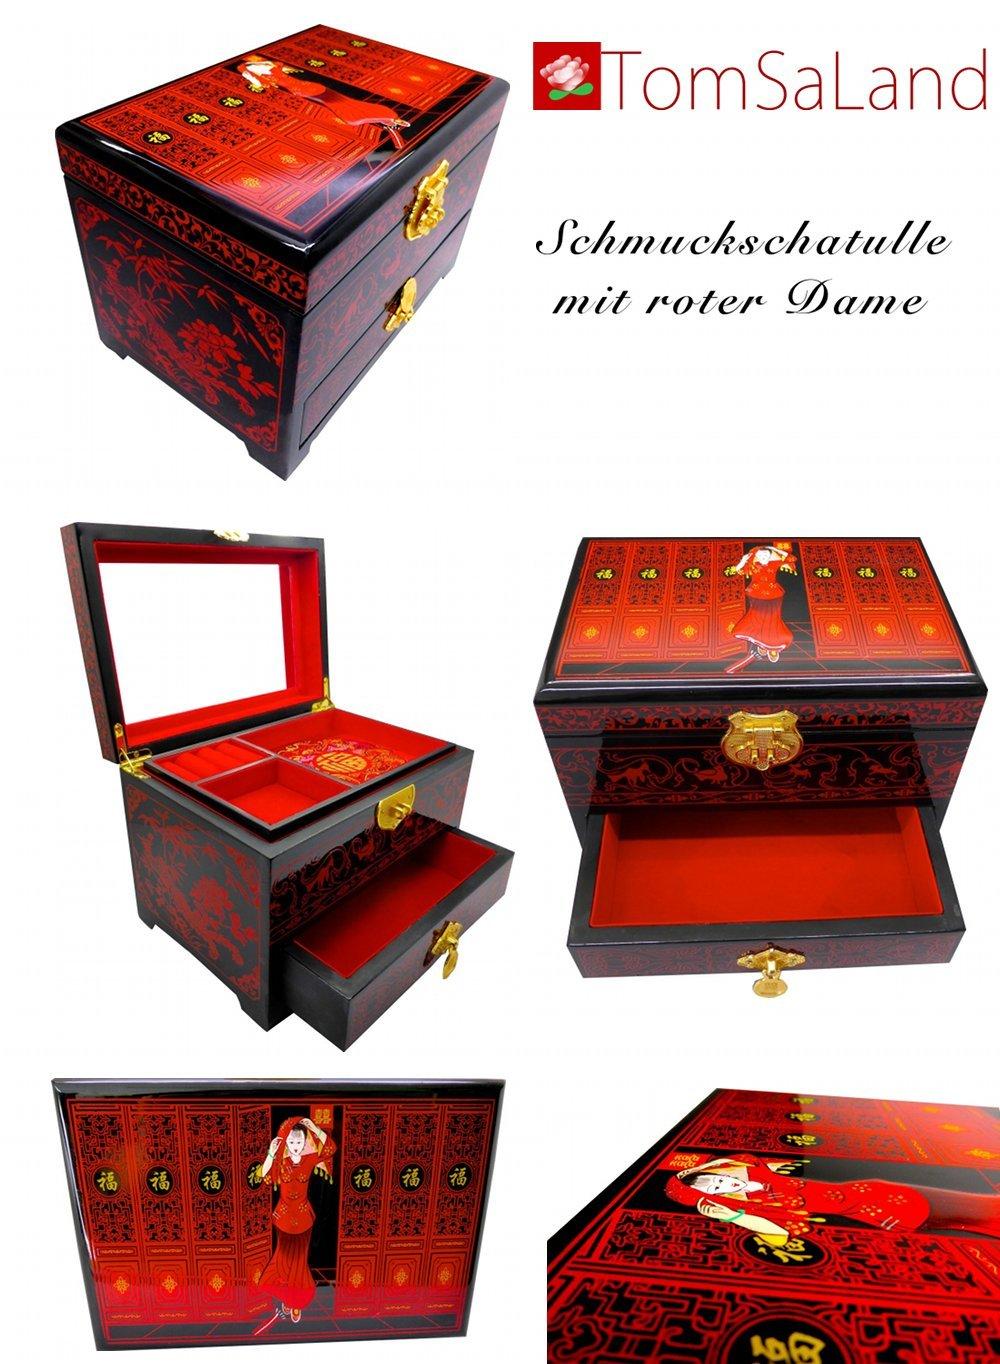 Schmuckschatulle_chinesische_Frau_gruppefoto